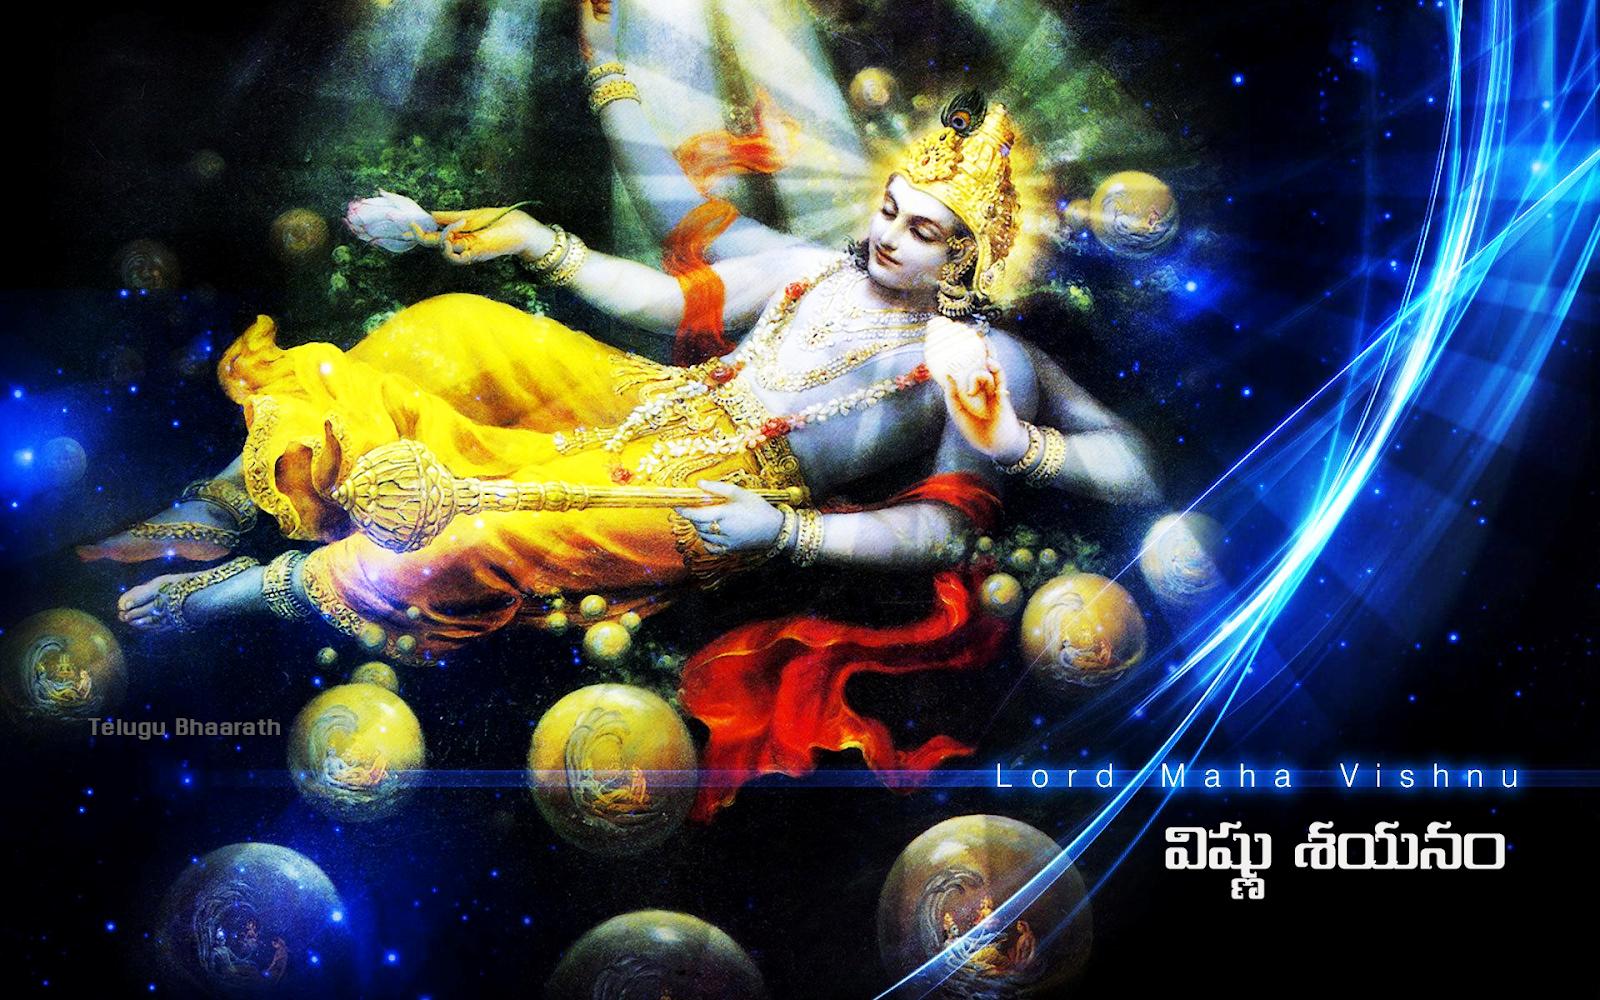 శయన నియమాలు, ఆధ్యాత్మిక ఆరోగ్య సూత్రాలు - Sayana niyamalu